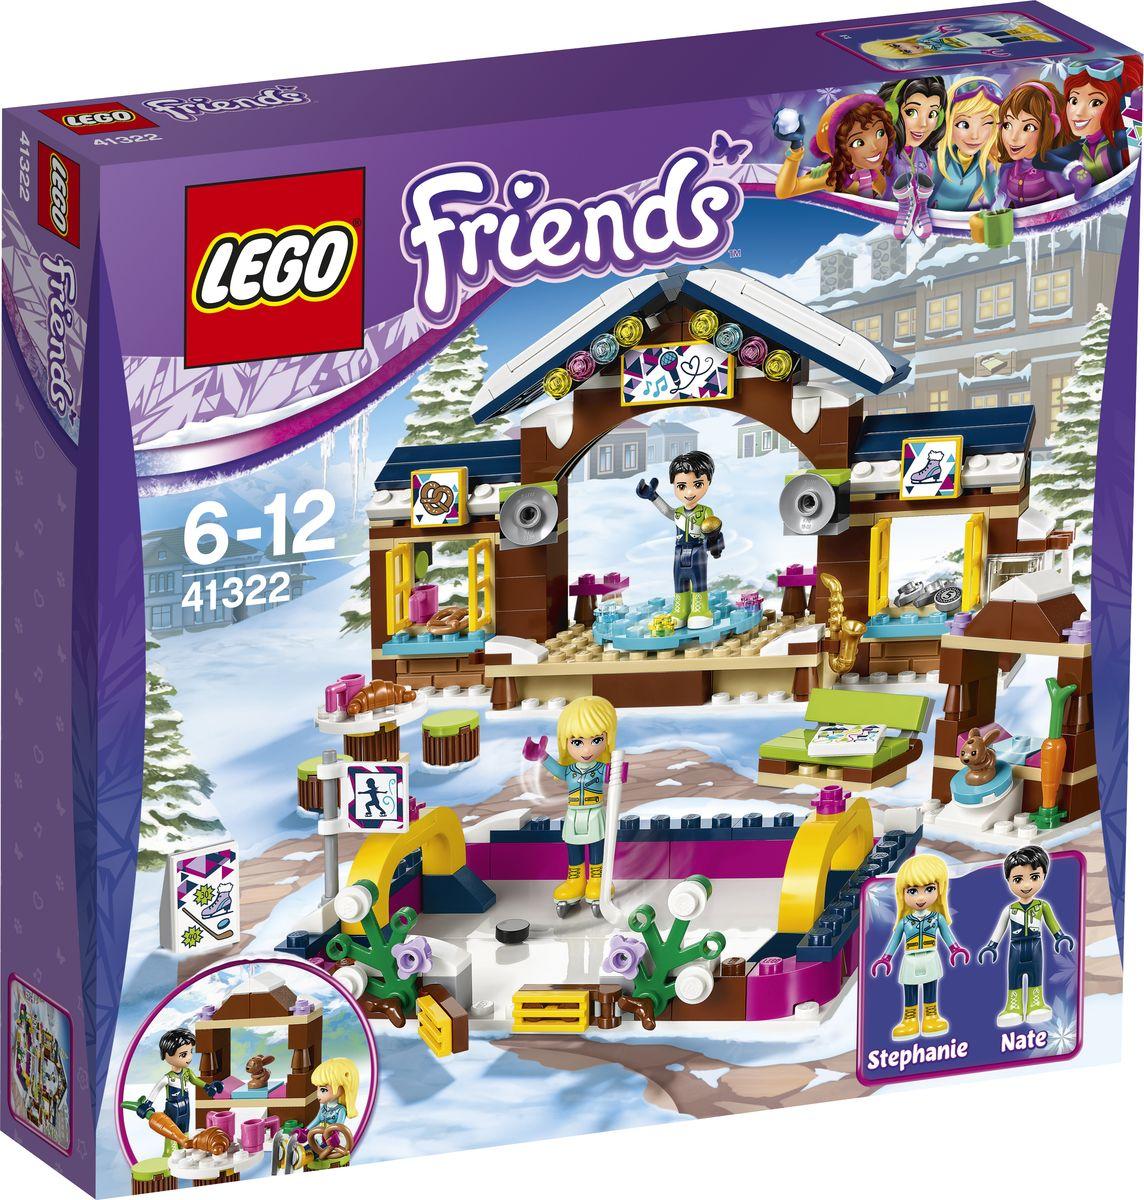 LEGO Friends Конструктор Горнолыжный курорт Каток 41322 конструктор lego friends кондитерская стефани 41308